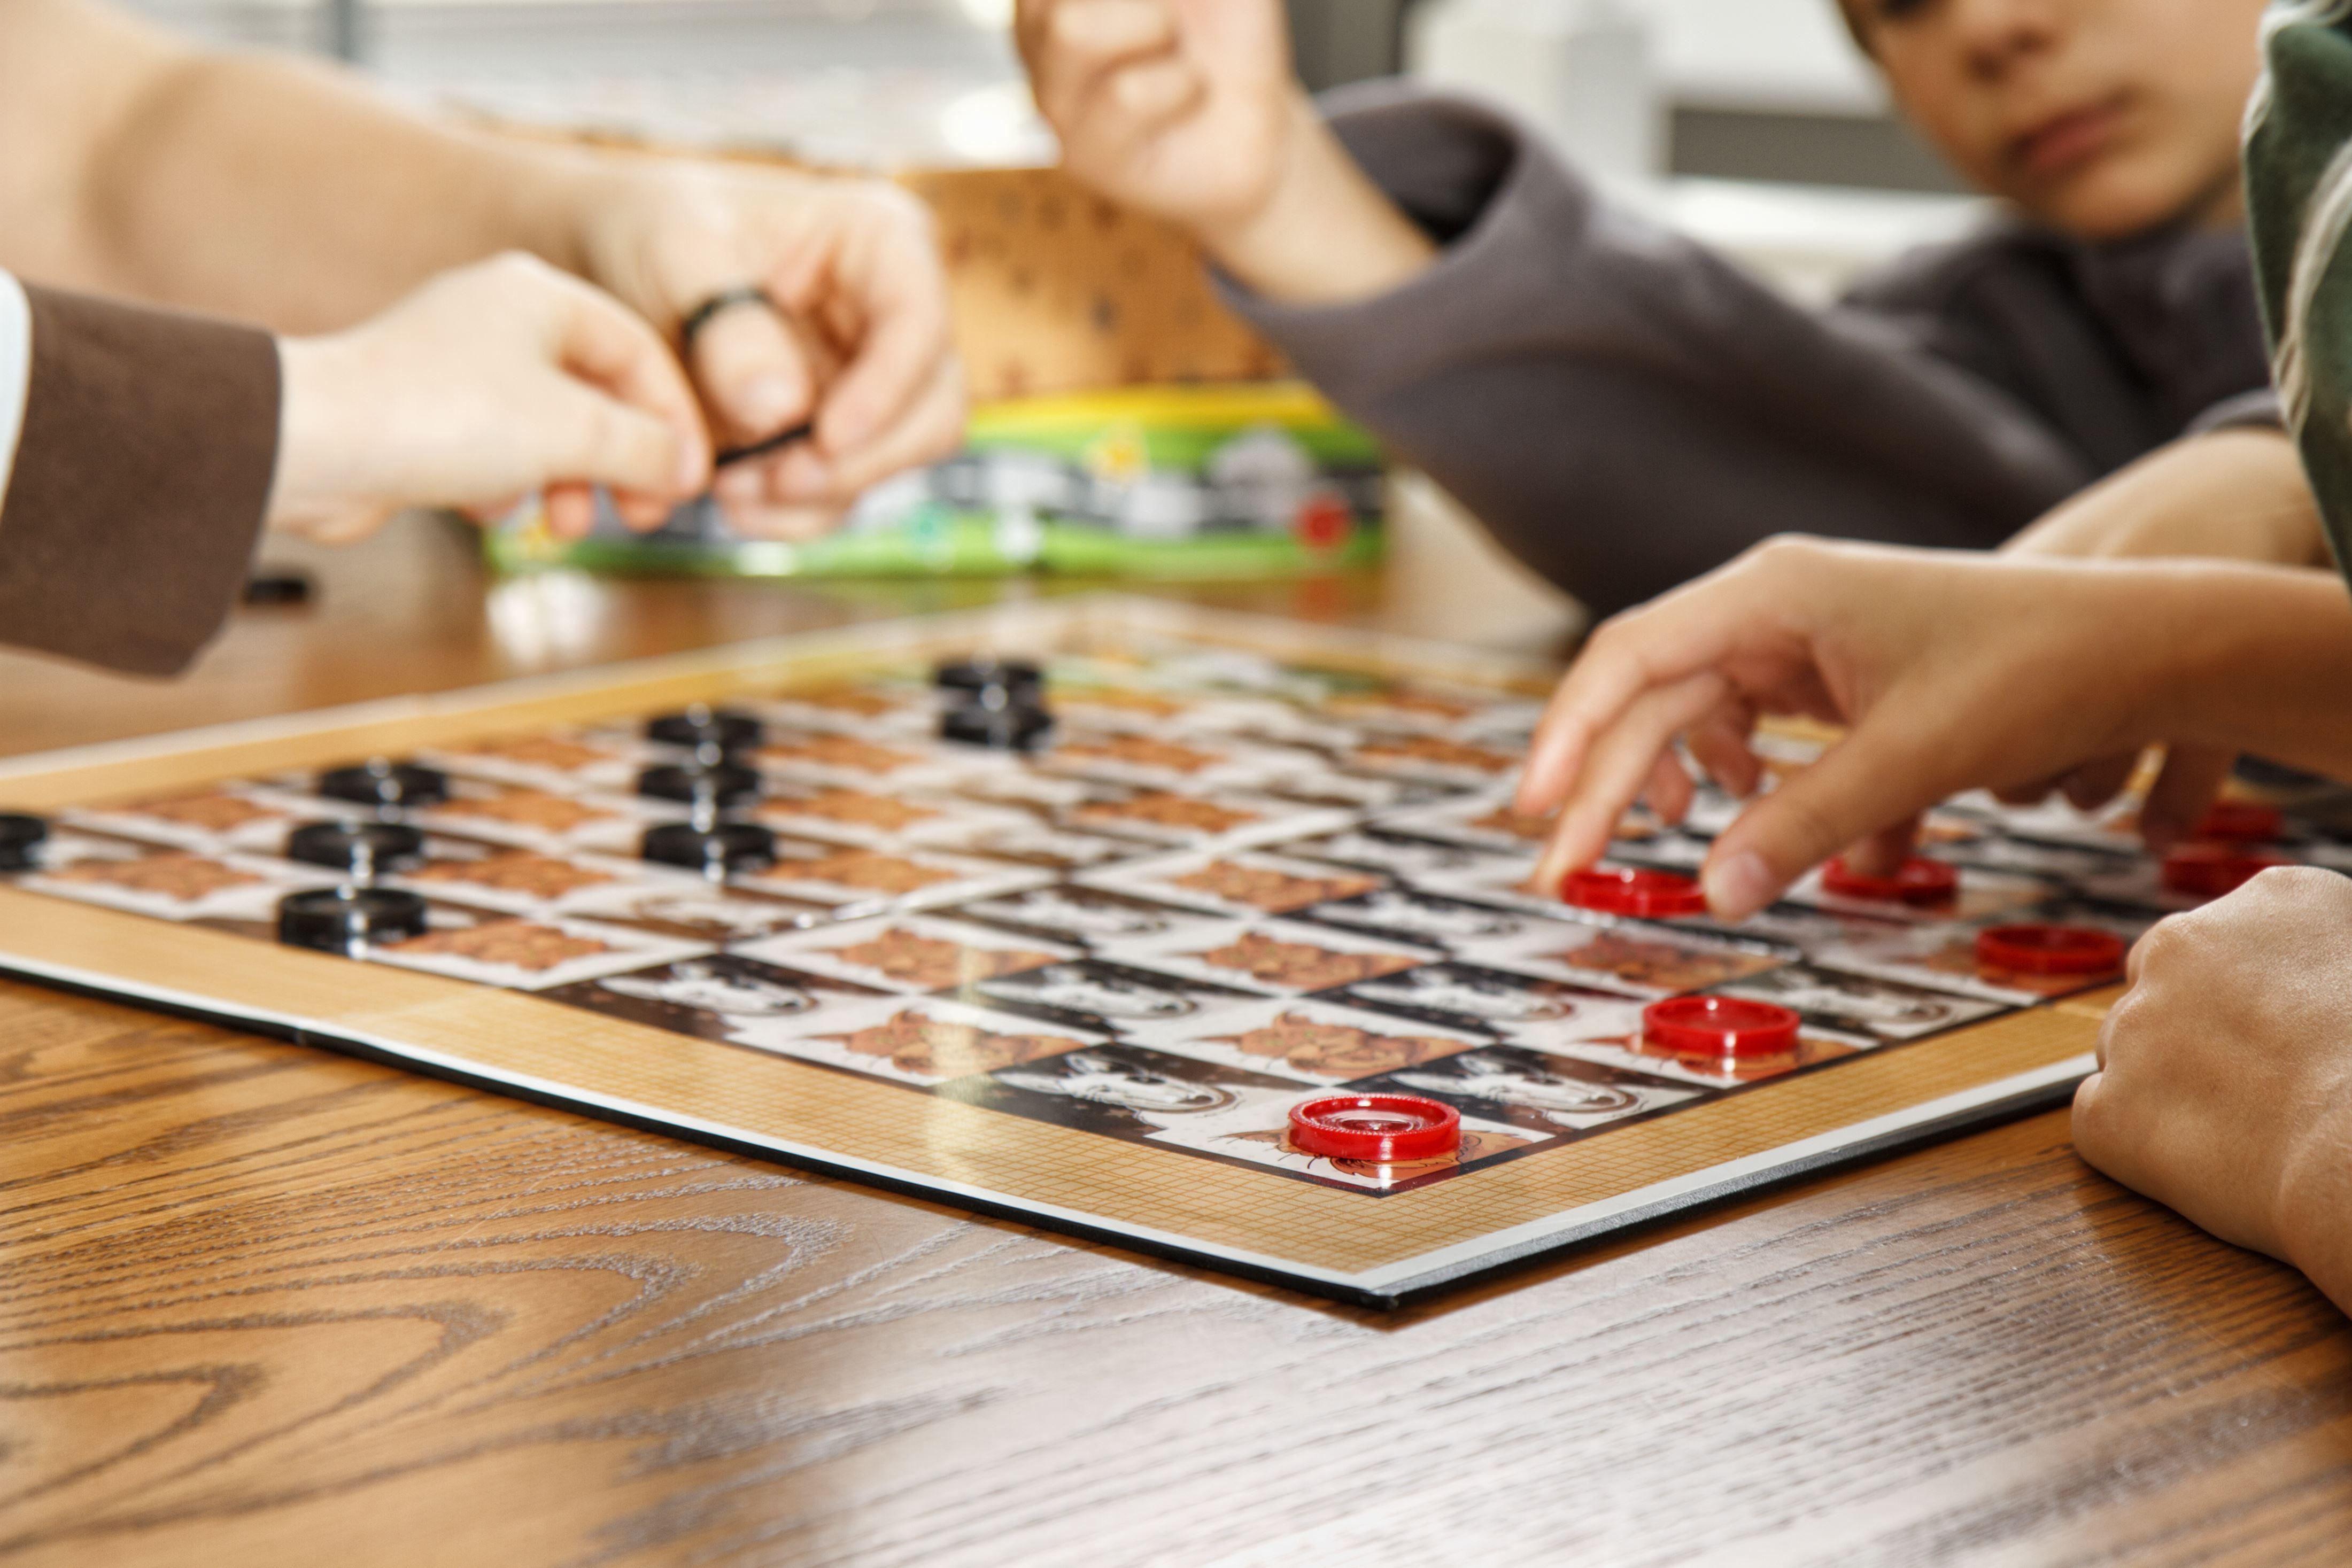 Jogos de Tabuleiro: As férias em família nunca mais vão ser as mesmas